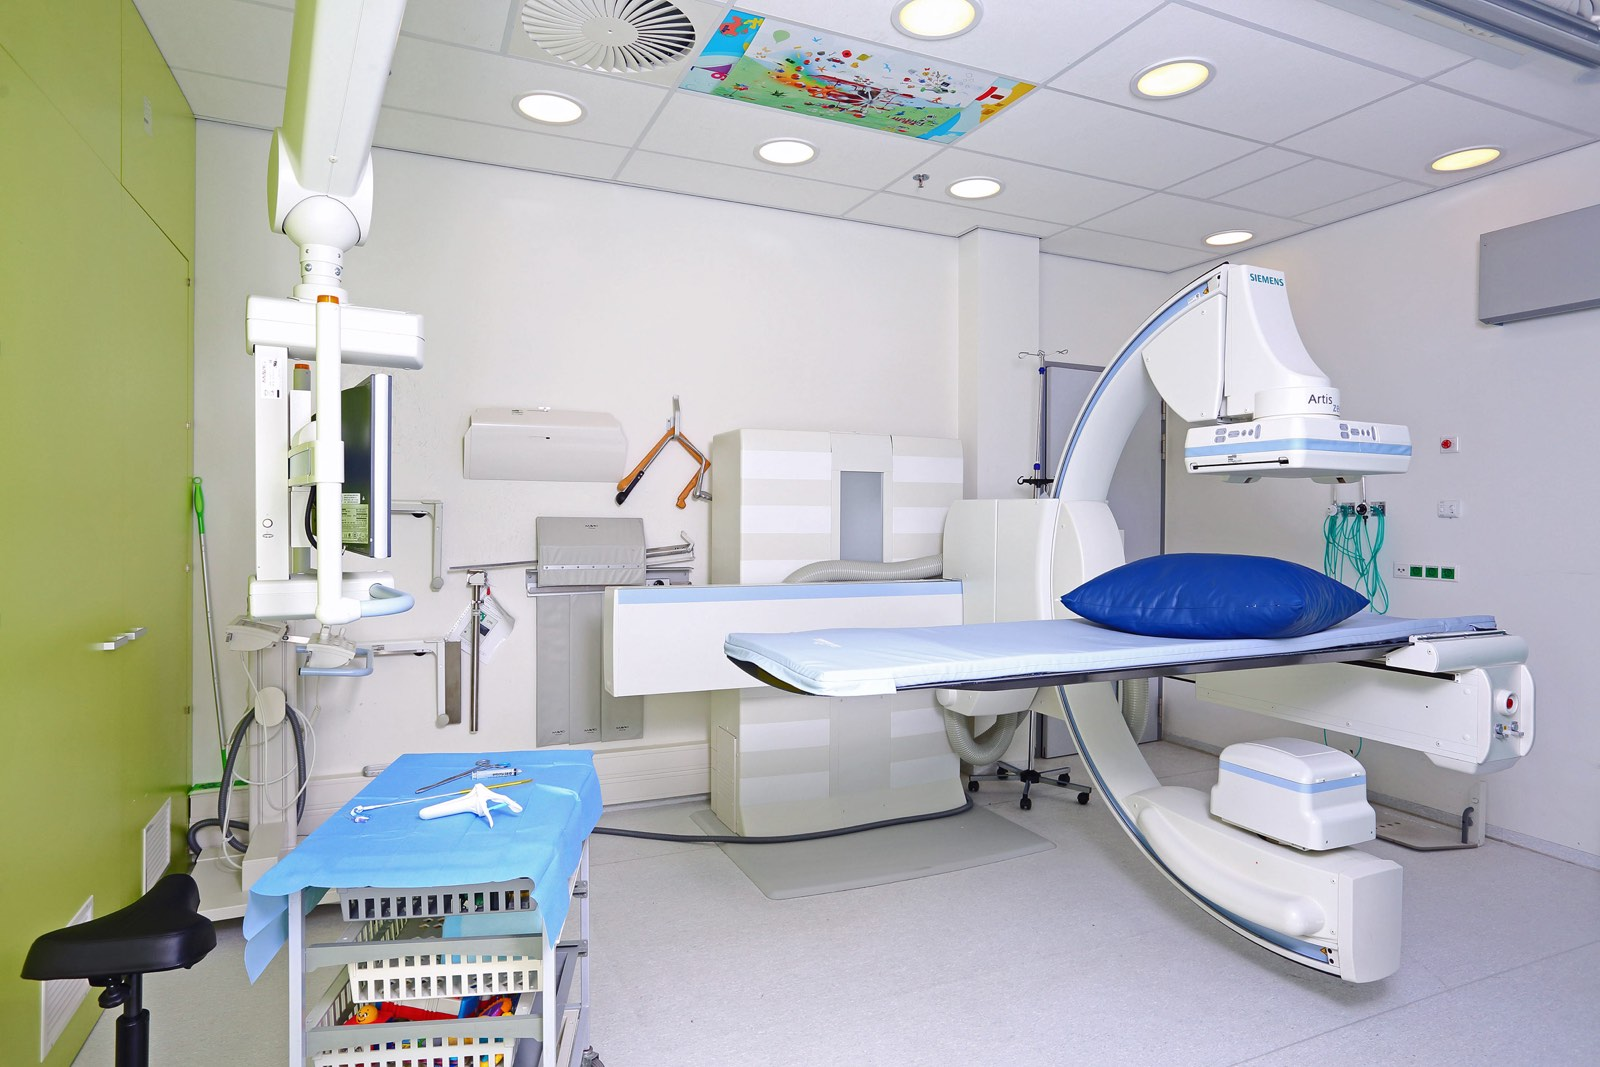 Interieur ziekenhuis behandelkamer